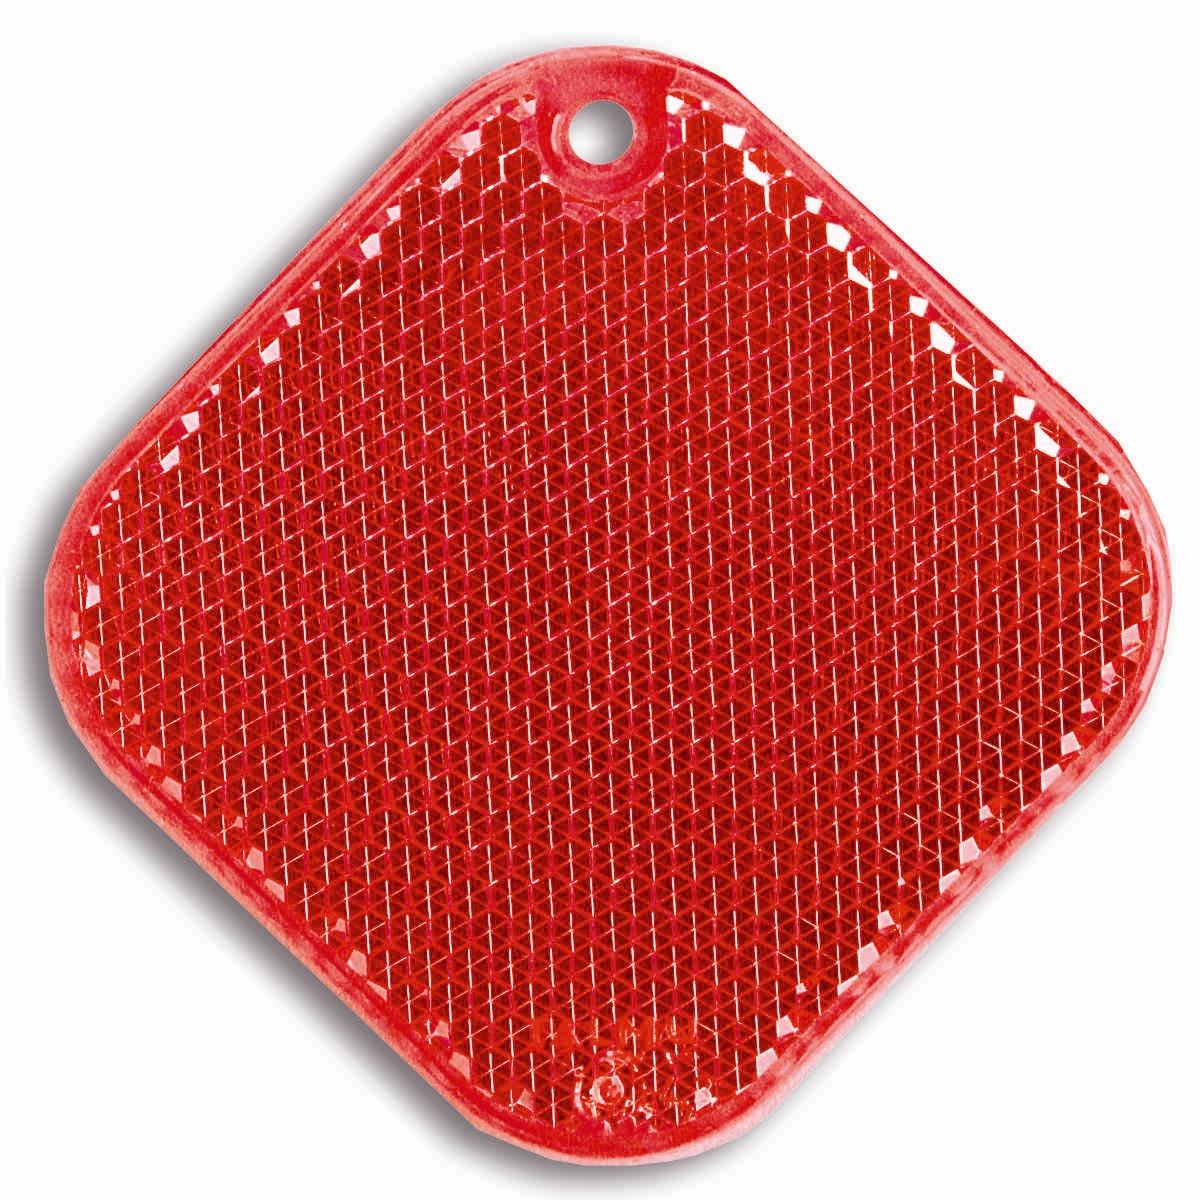 Светоотражатель пешеходный Coreflect Ромб, цвет: красныйGL-29Пешеходный светоотражатель — это серьезное средство безопасности на дороге. Использование светоотражателей позволяет в десятки раз сократить количество ДТП с участием пешеходов в темное время суток. Светоотражатель крепится на одежду и обладает способностью к направленному отражению светового потока. Благодаря такому отражению, водитель может вовремя заметить пешехода в темноте, даже если он стоит или двигается по обочине. А значит, он успеет среагировать и избежит возможного столкновения. С 1 июля 2015 года ношение светоотражателей вне населенных пунктов является обязательным для пешеходов! Мы рекомендуем носить их и в городе! Для безопасности и сохранения жизни!